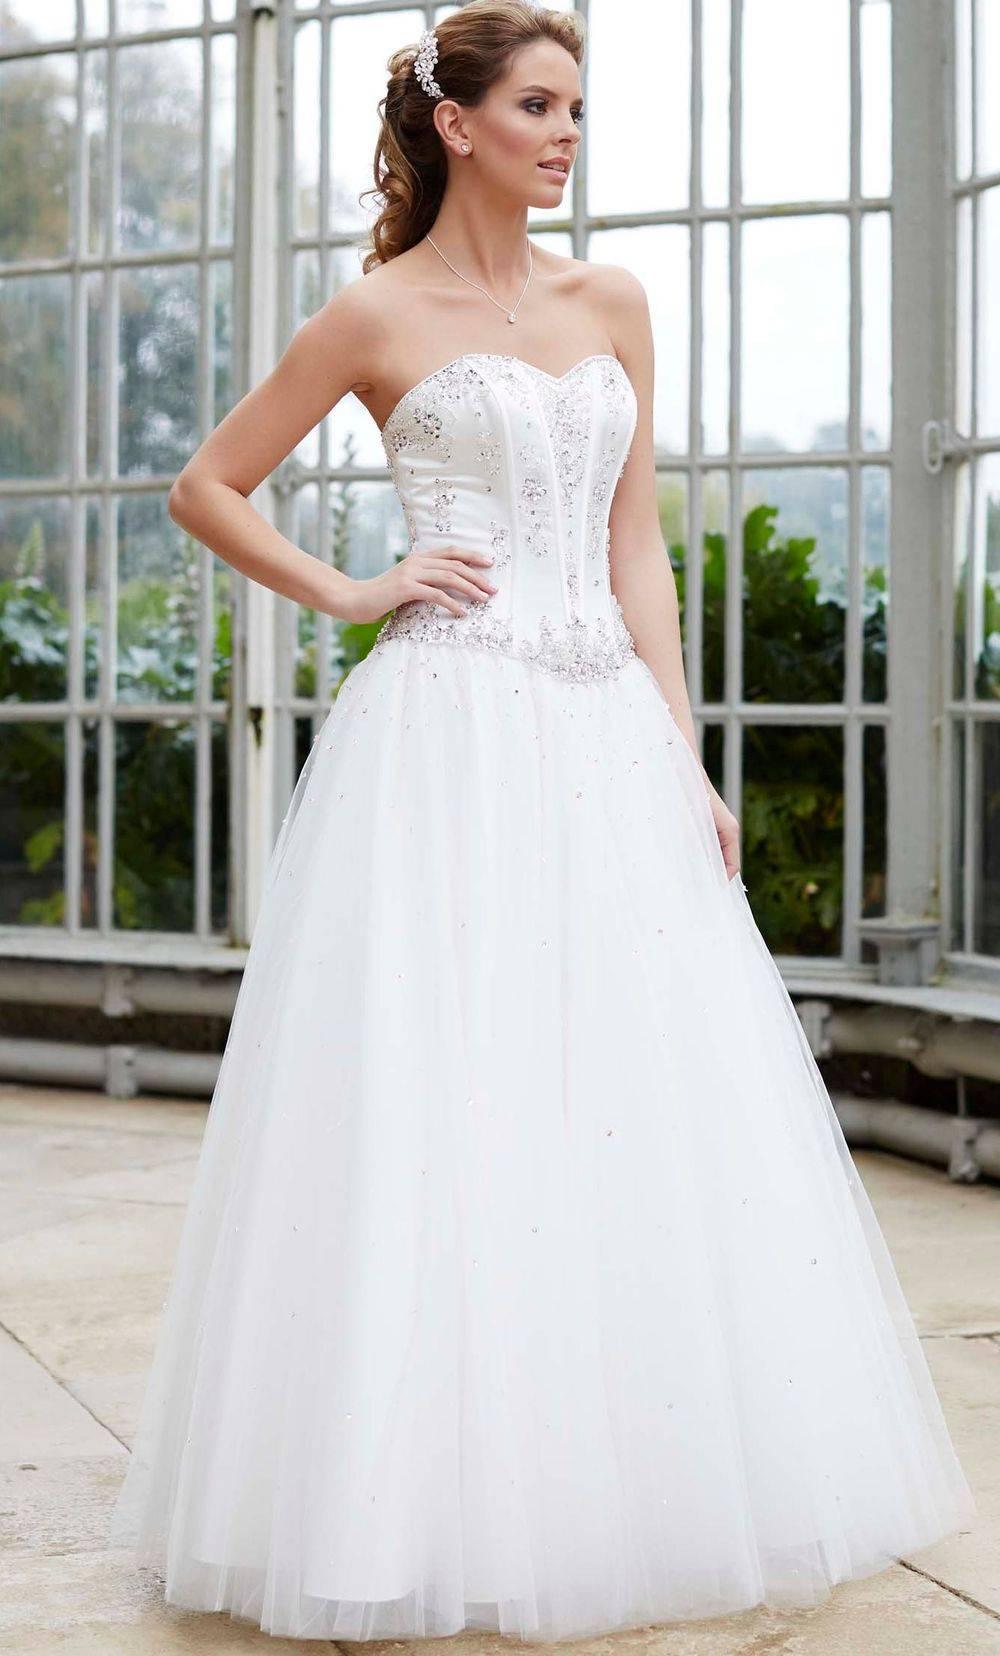 Plus size wedding dress size 20